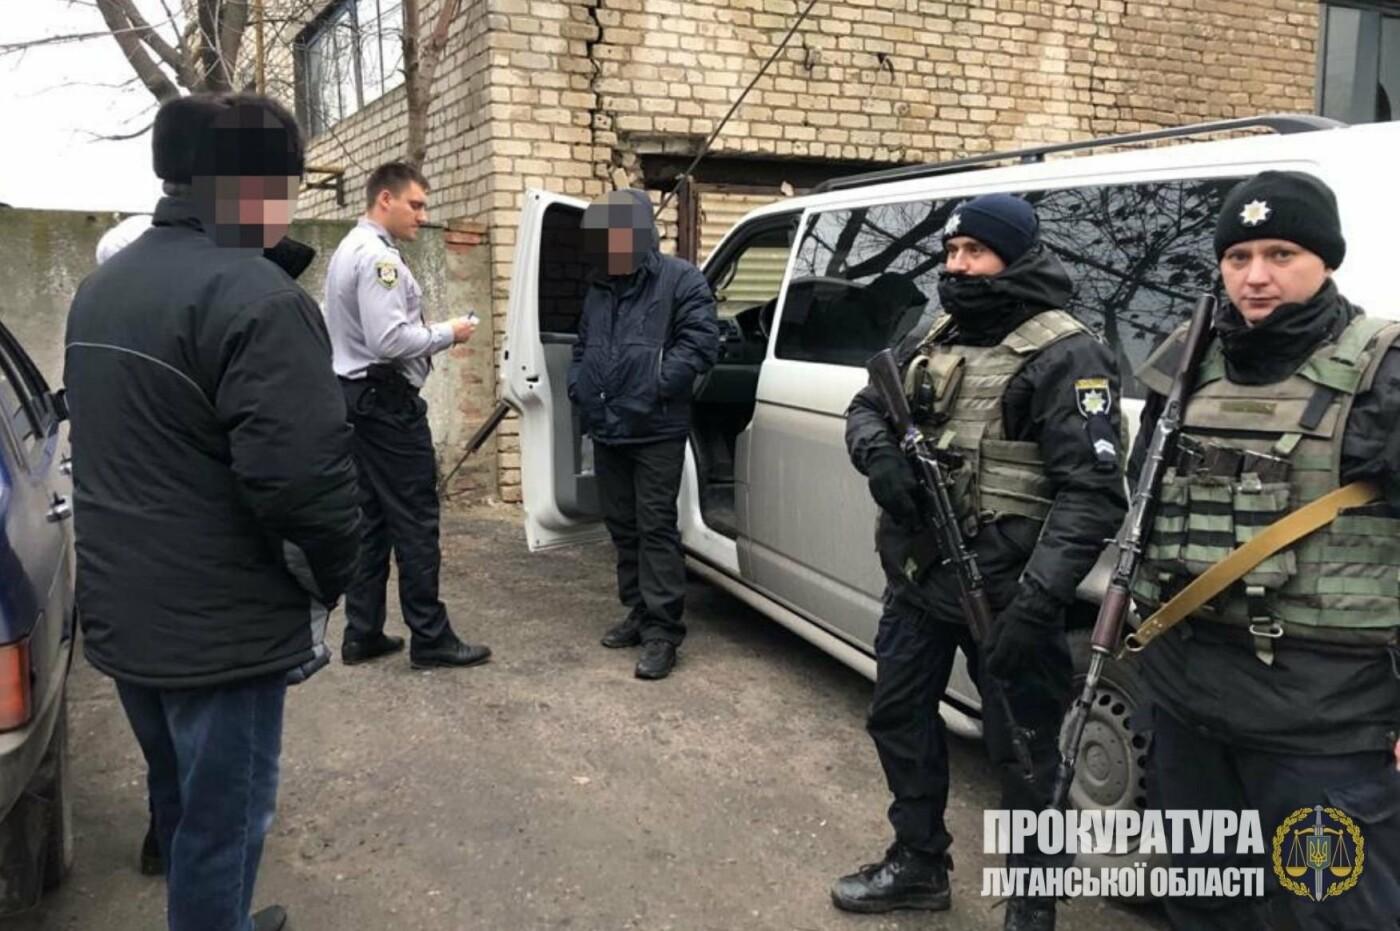 На Луганщине перекрыли канал нелегальной перевозки пассажиров из «ЛНР», фото-1